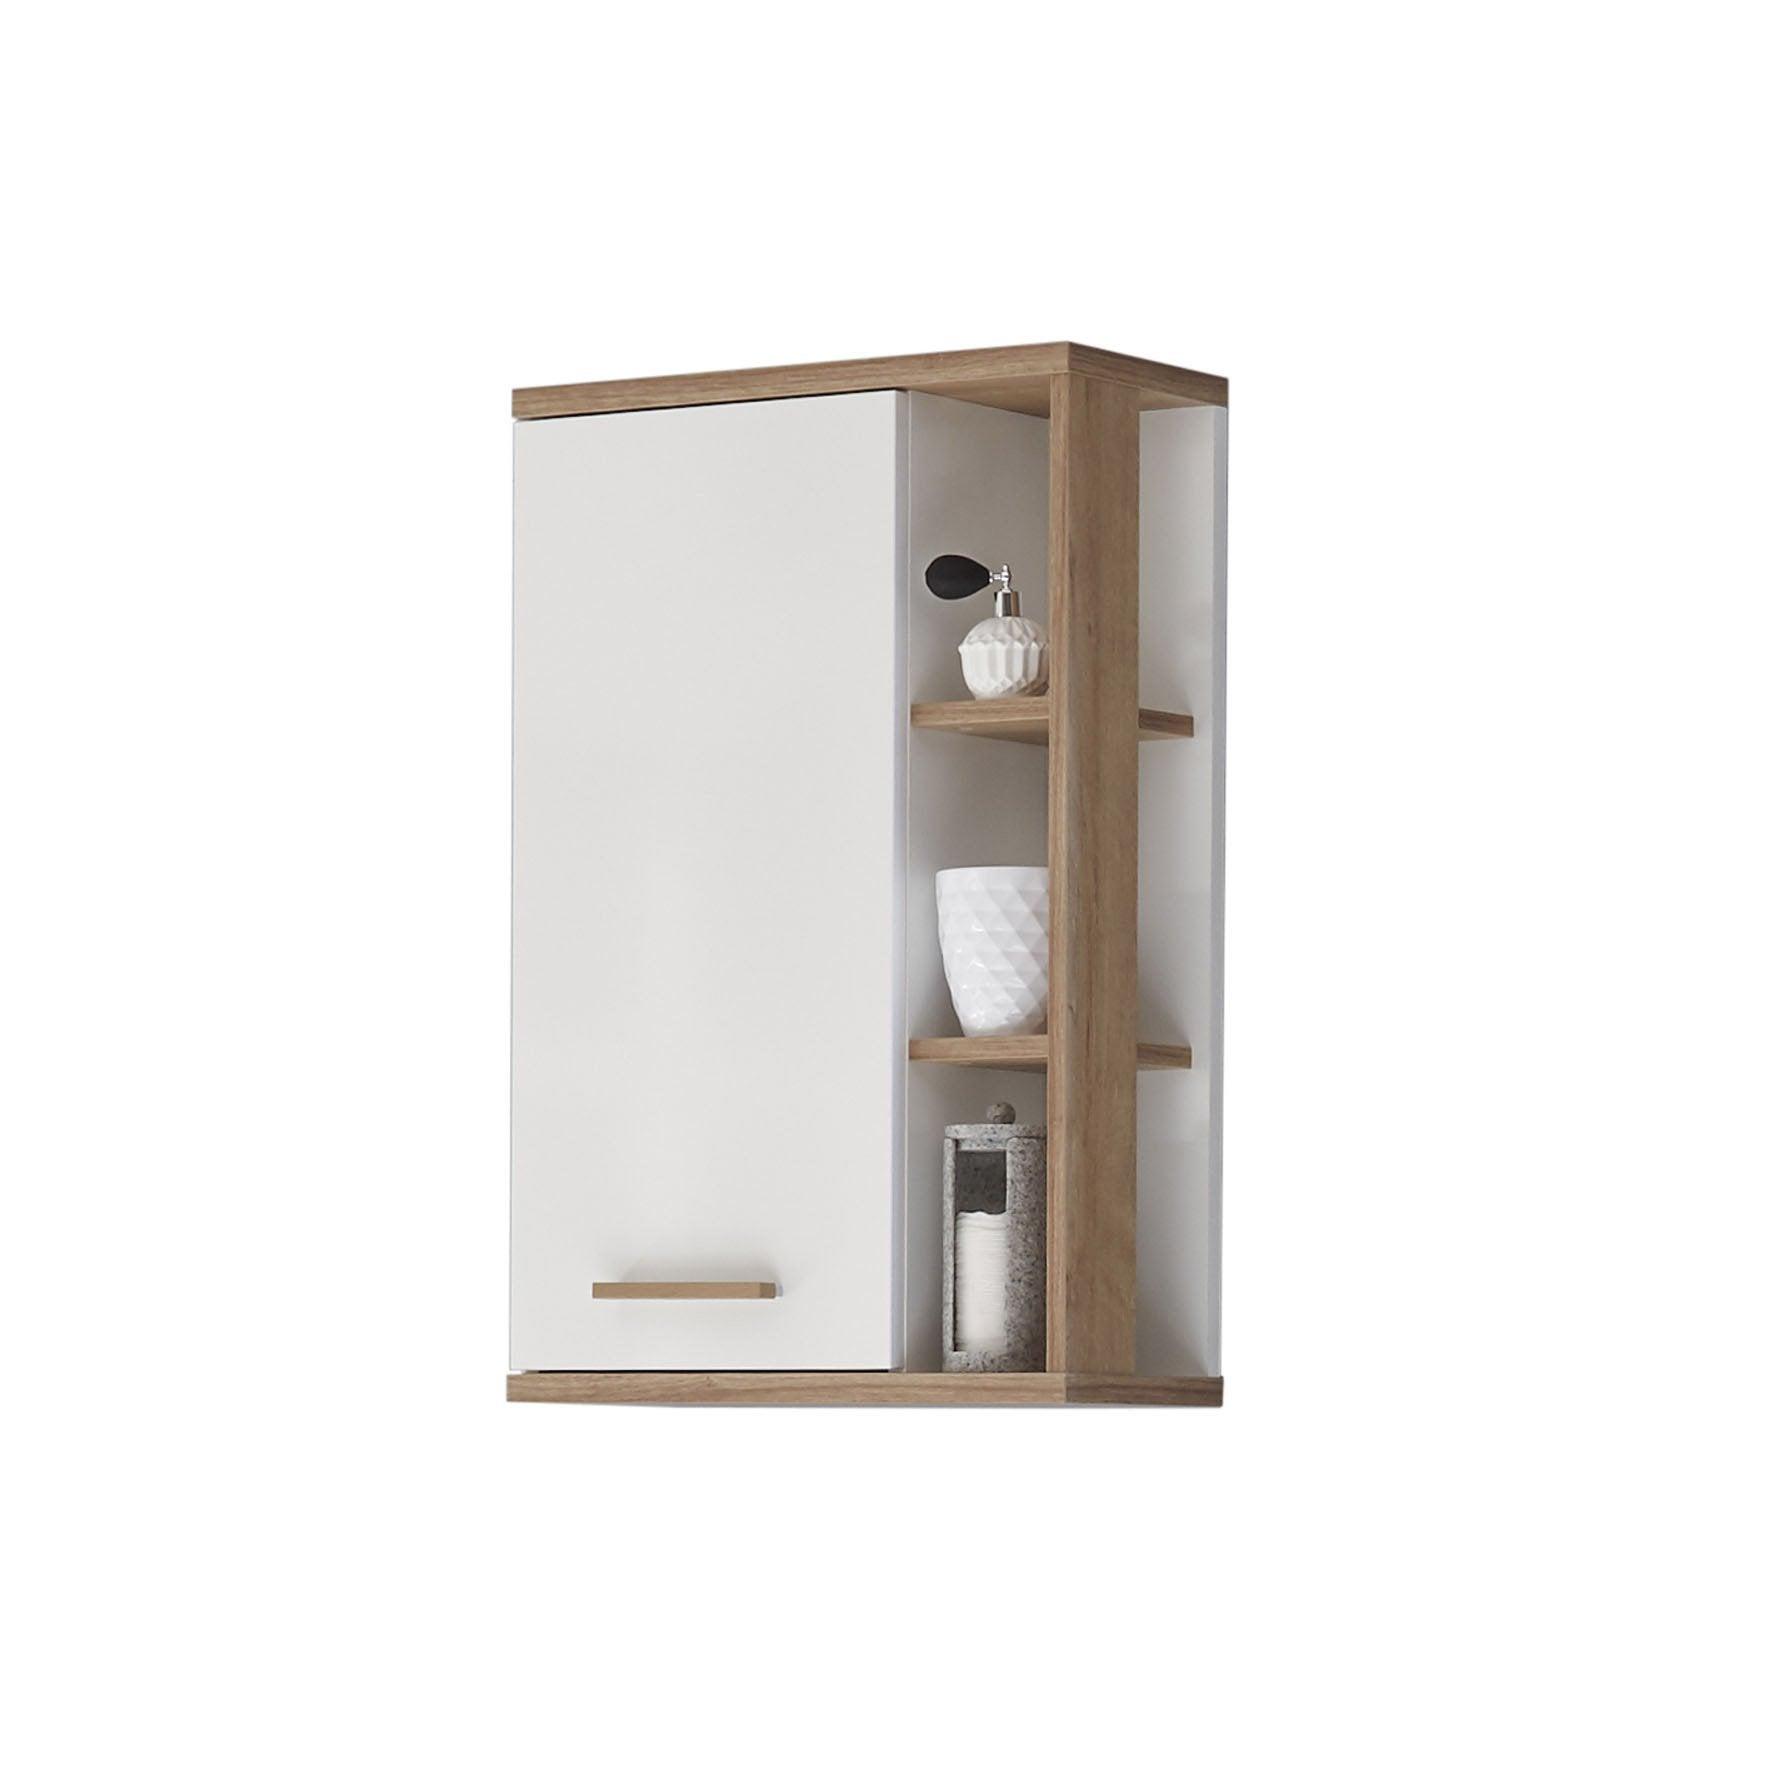 Meuble Haut Salle De Bain Avec Miroir meuble haut salle de bain l.50 x h.74 x p.20.5 cm